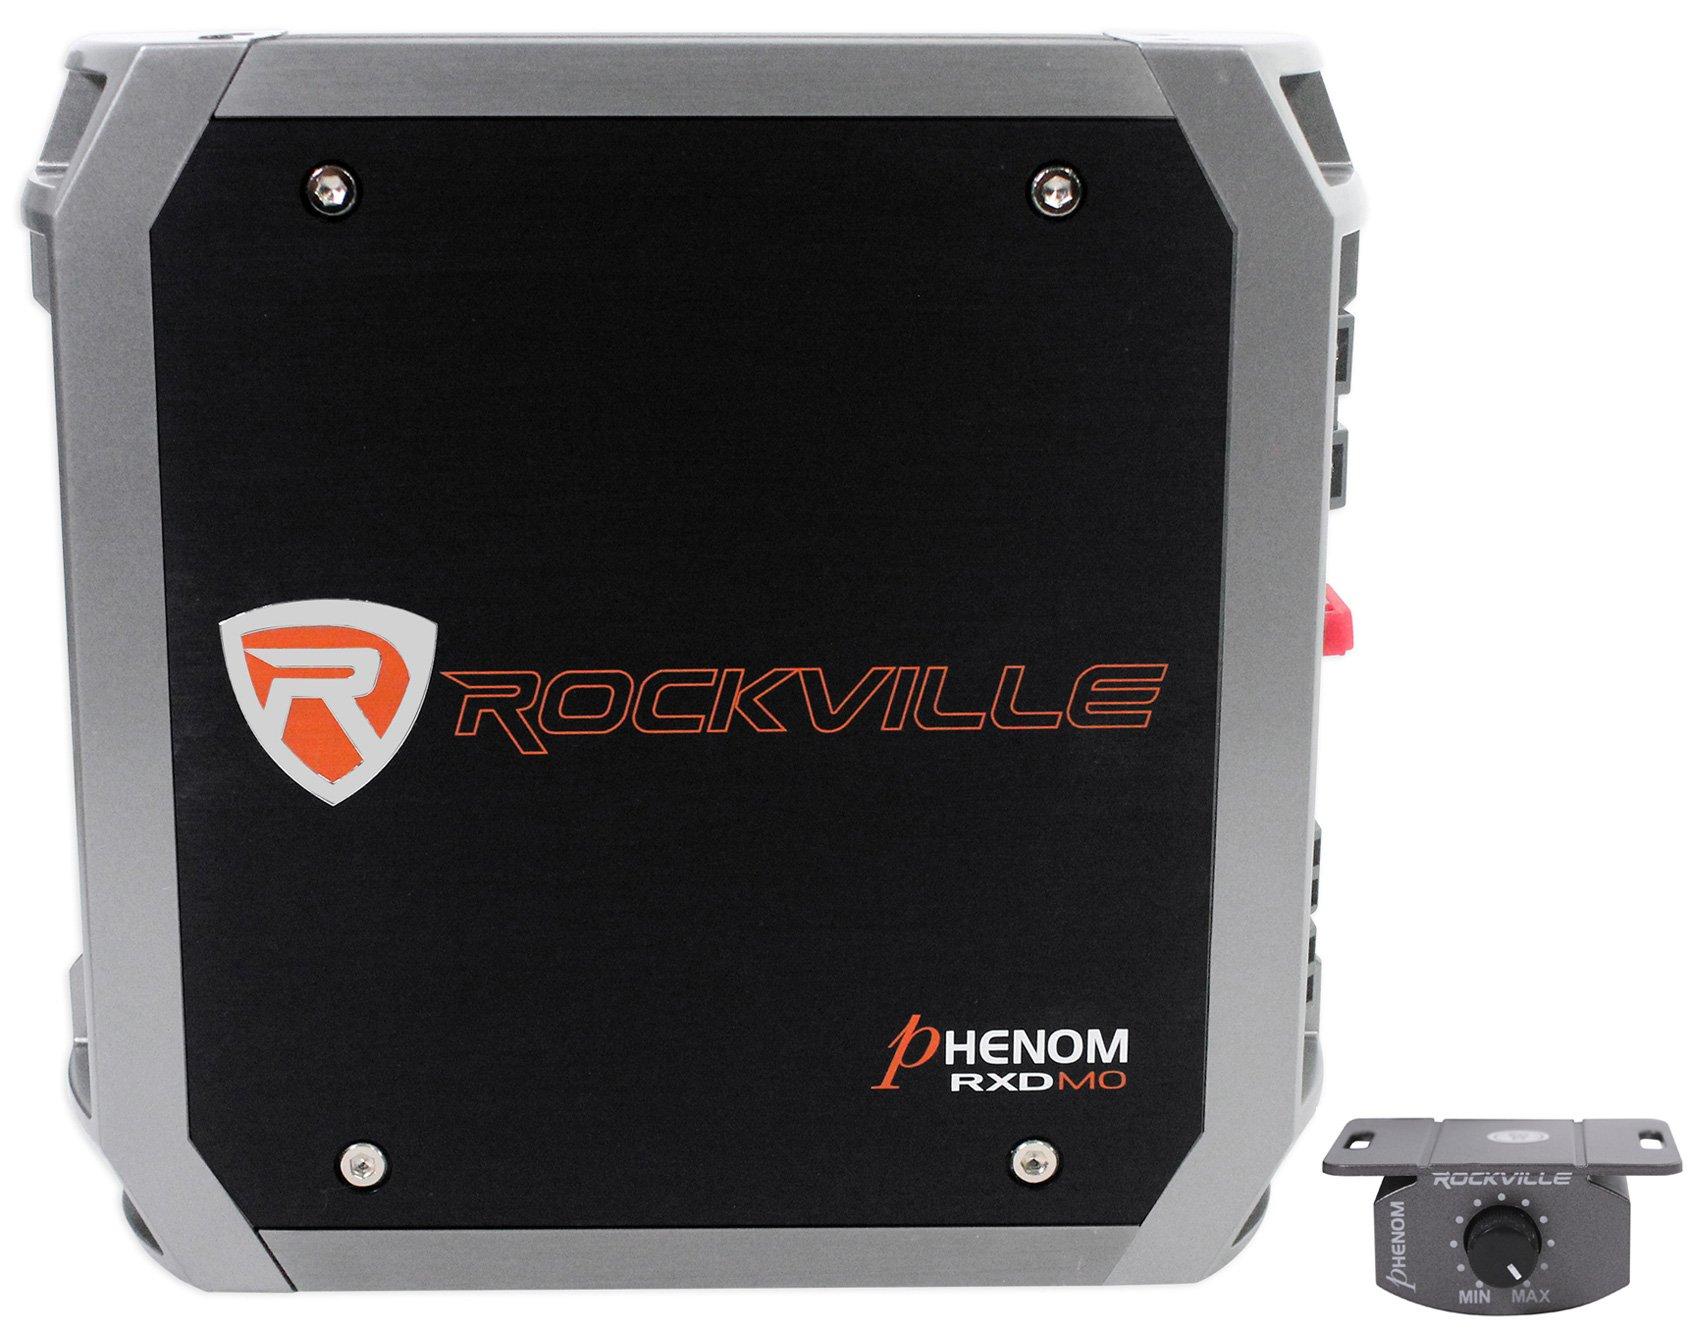 Rockville Rxd-m0 1200W/600W RMS Mono Class D 1 Car Audio Amp